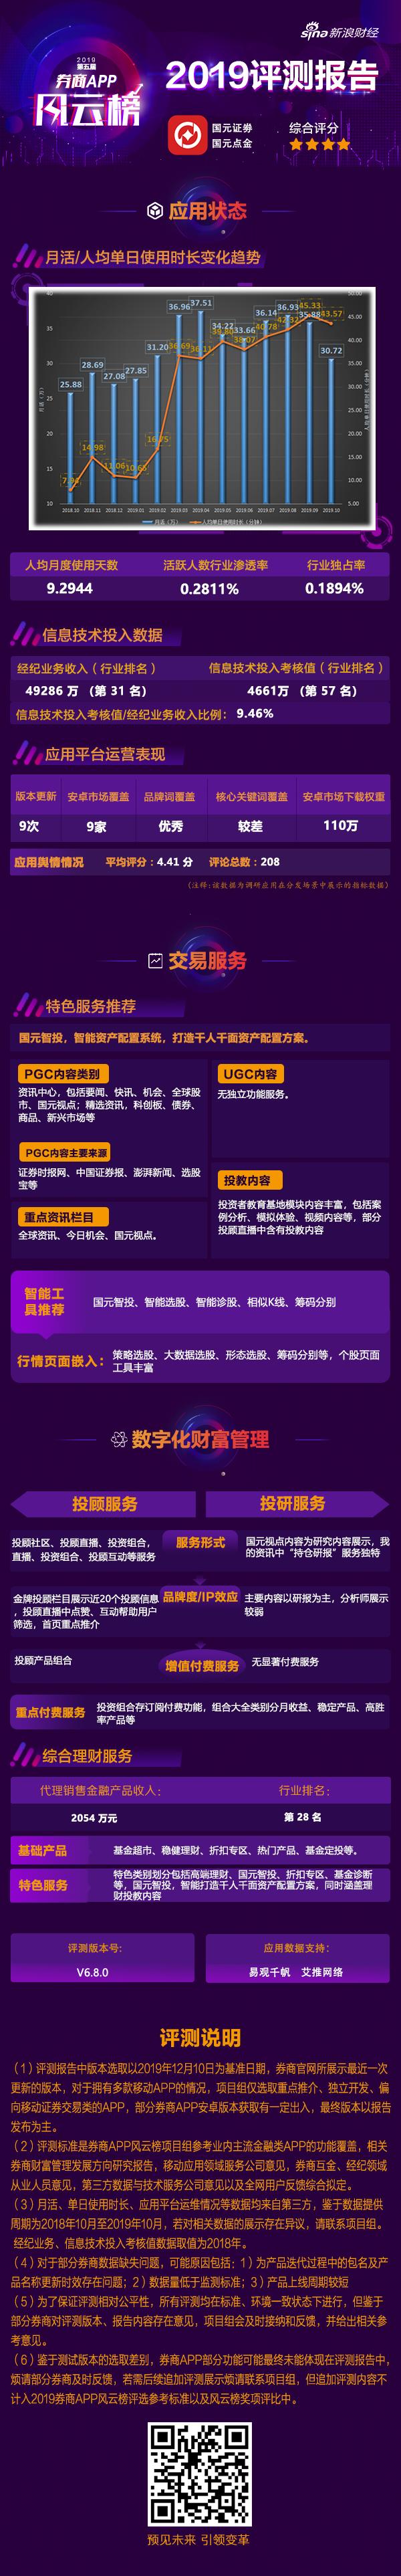 阿里巴巴香港首秀上涨美存托股和港股通憧憬齐提振